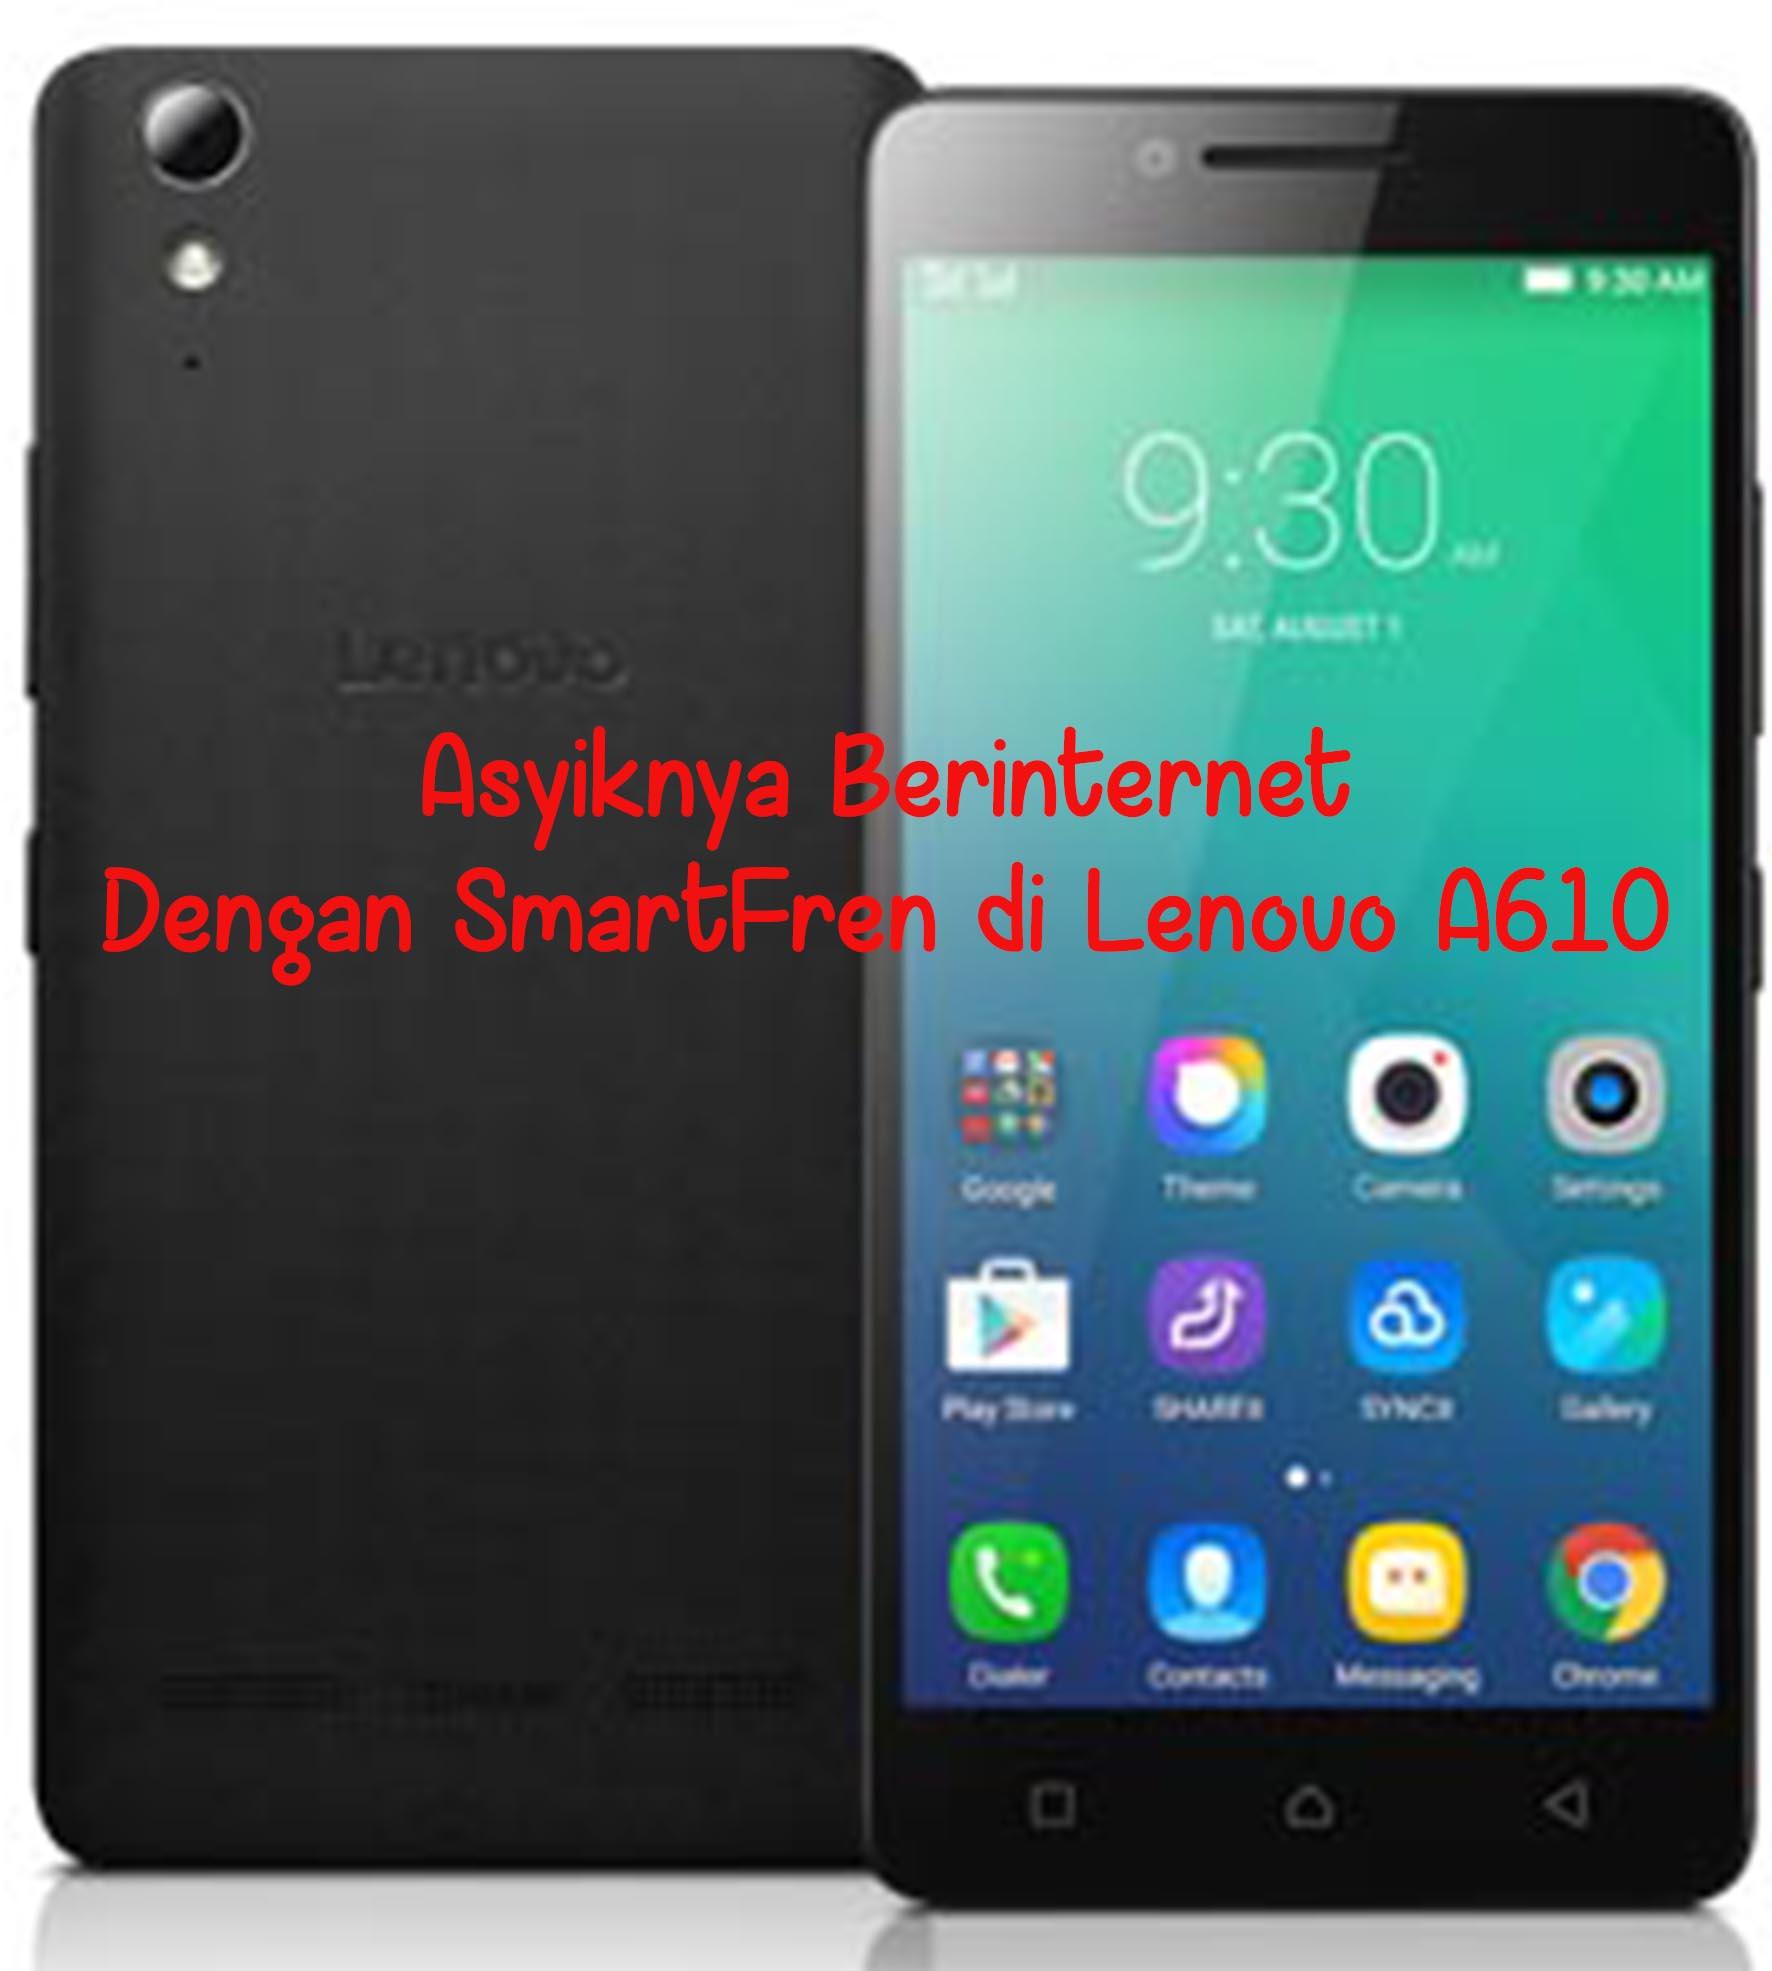 SmartFren Lenovo A610